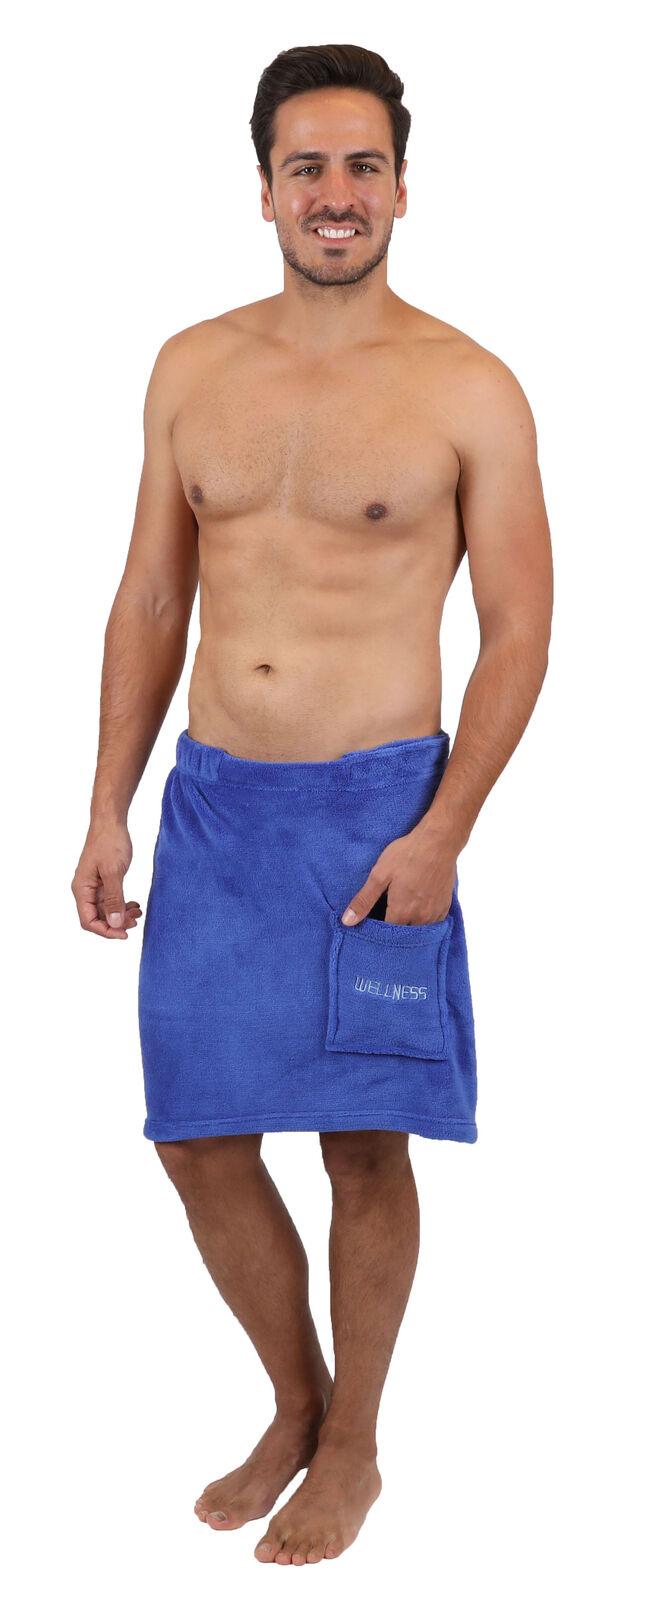 Betz Saunakilt Herren Sauna Handtuch Sarong Kilt Tasche Klettverschluß Blau